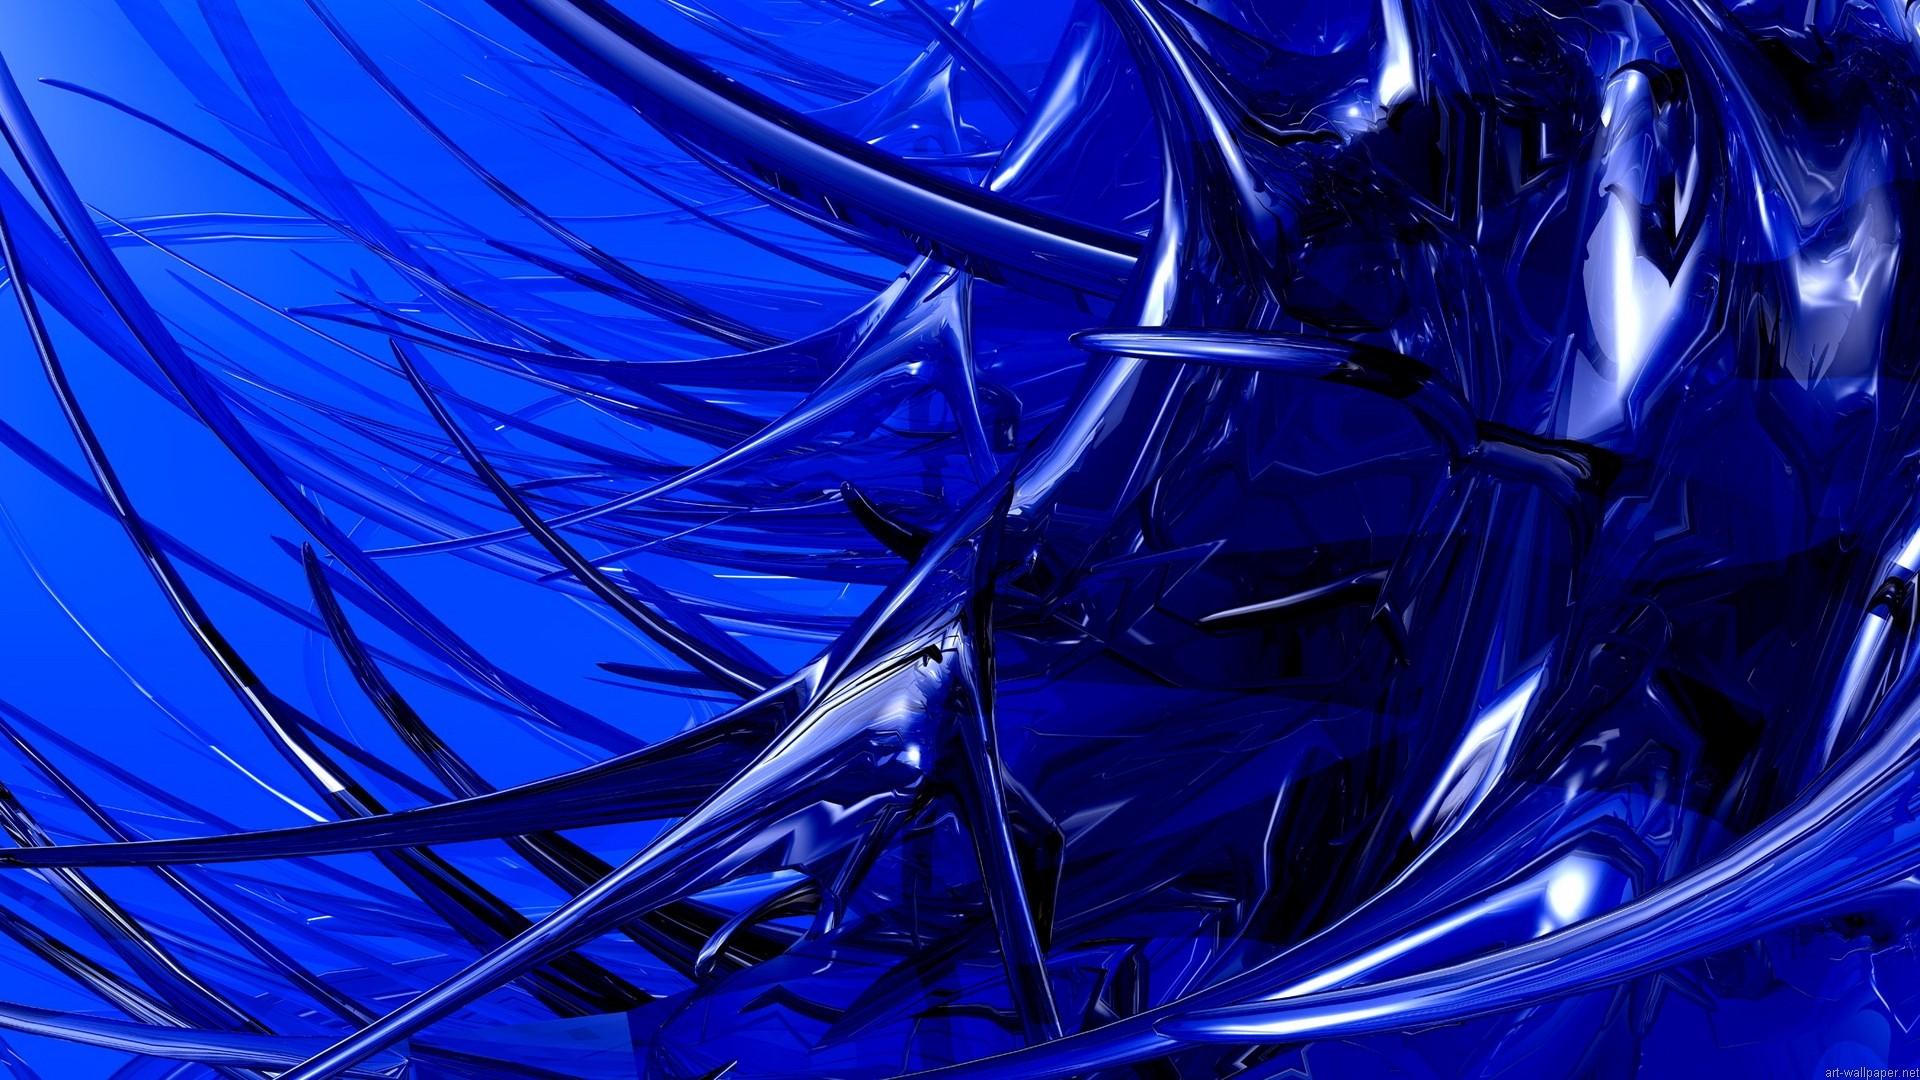 1080P Blue Wallpaper 1920x1080 49008 KB 1920x1080